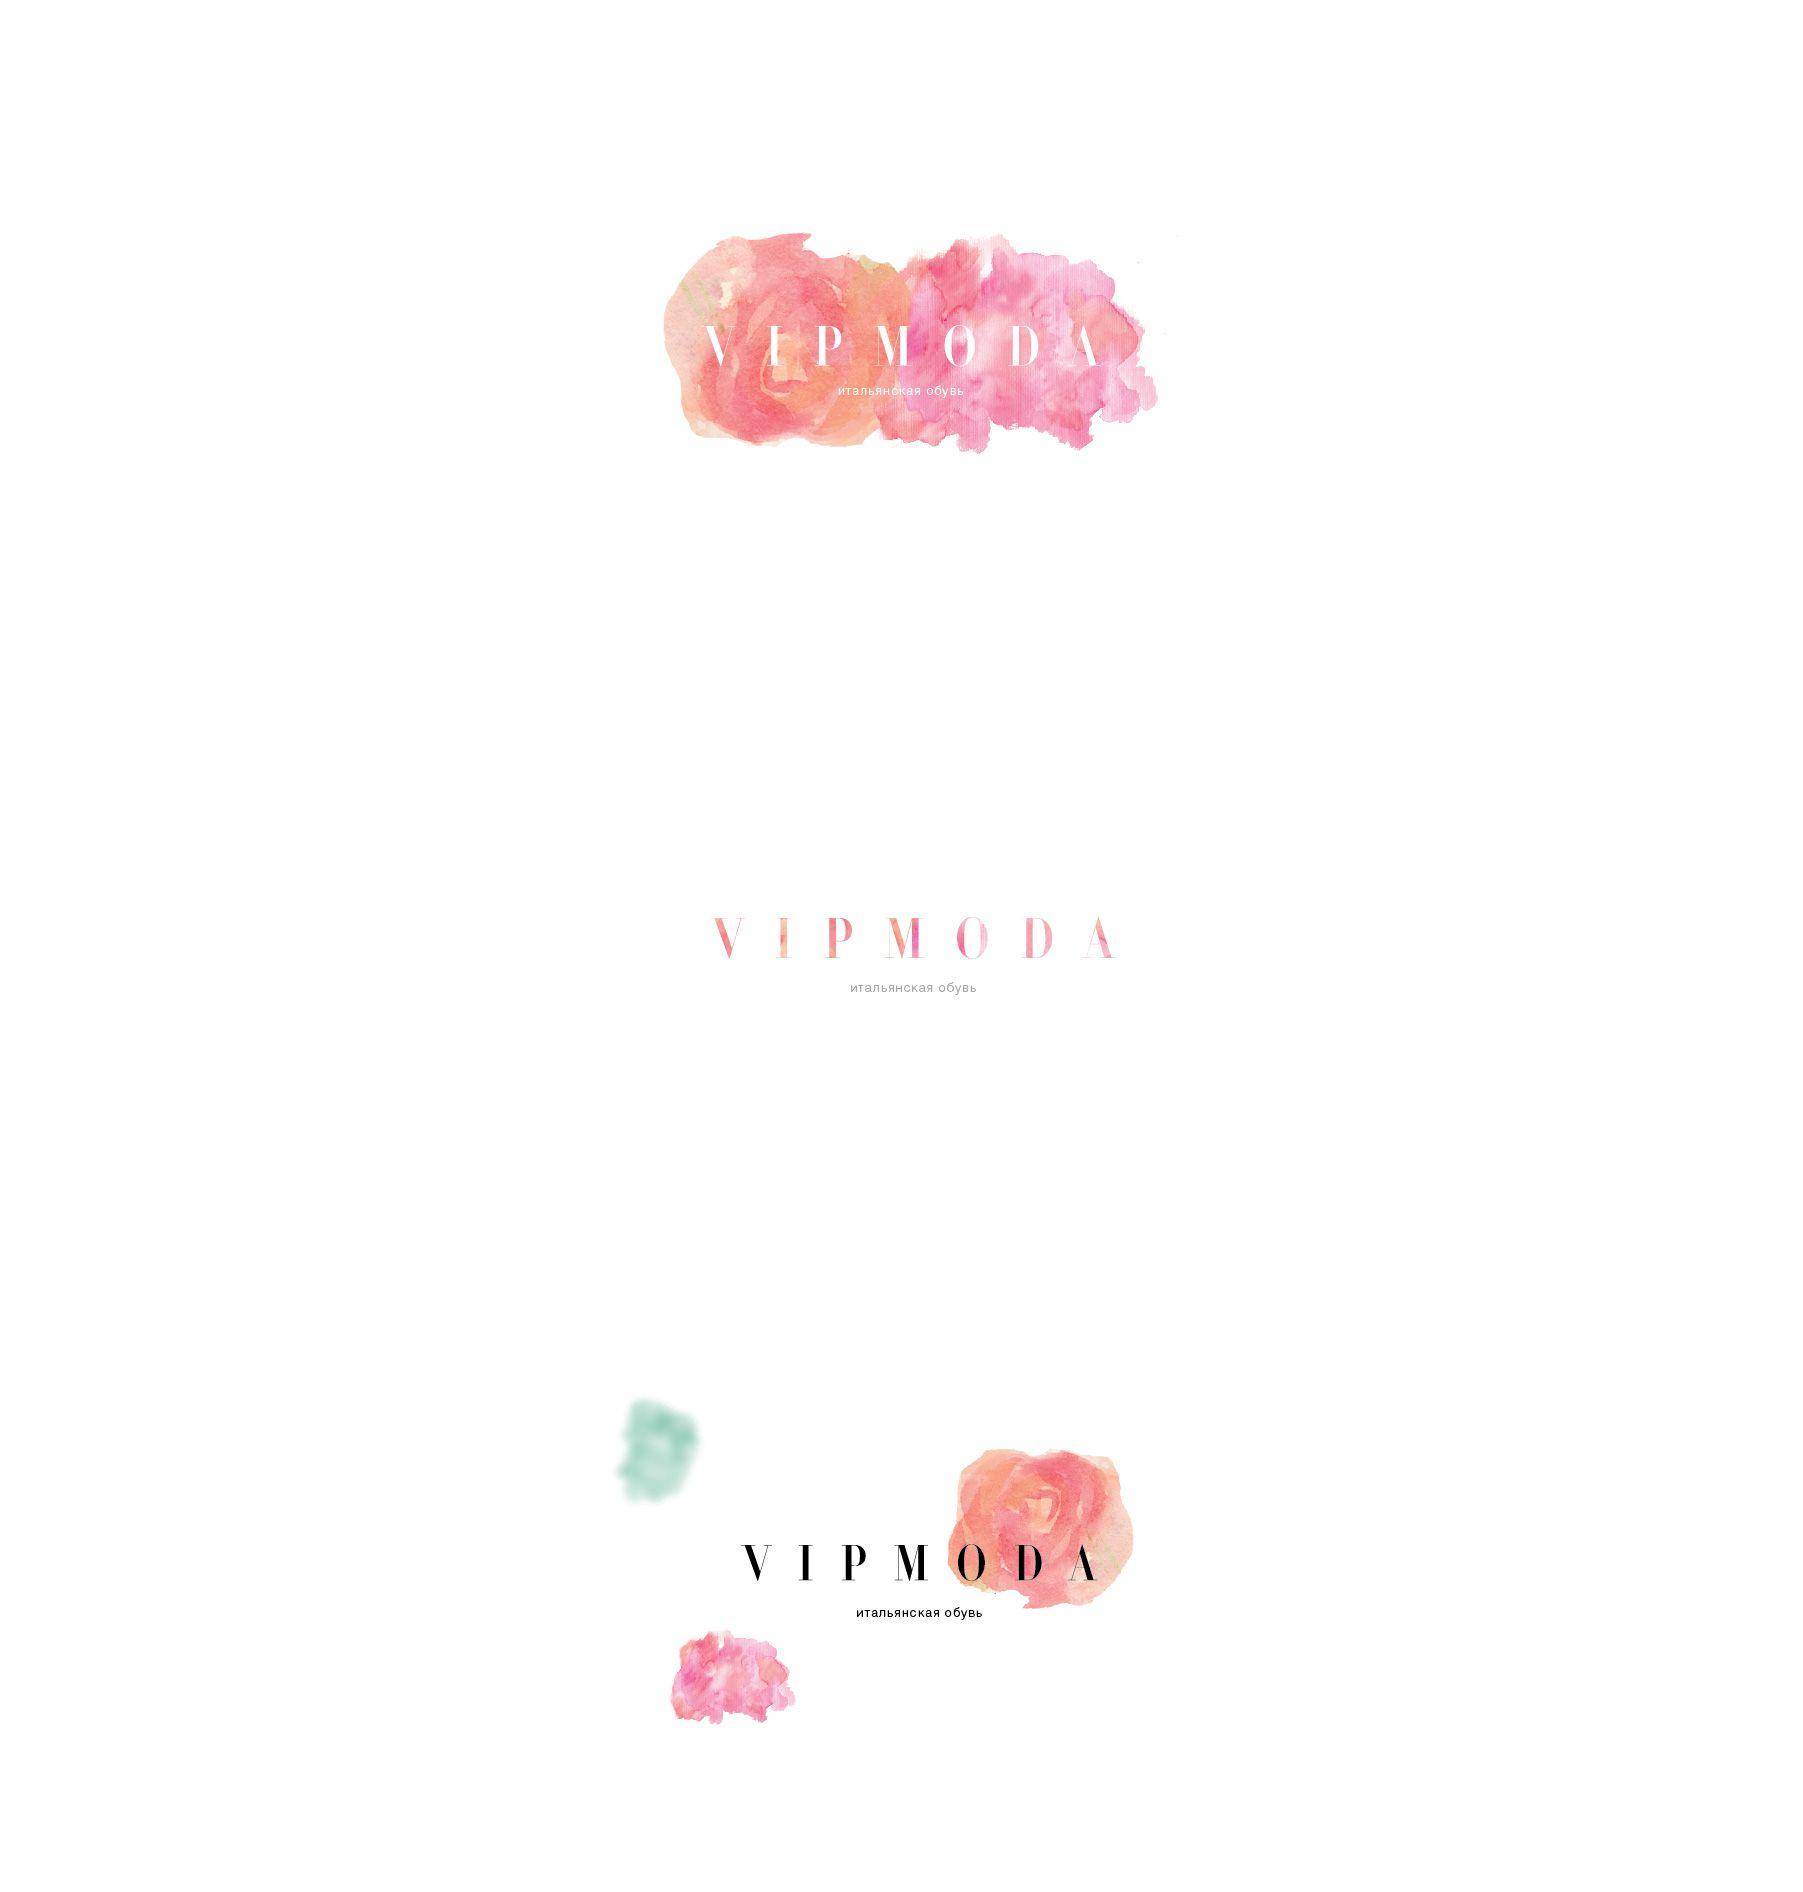 Лого и фирменный стиль компании ВИПМОДА  - дизайнер exilim-uncor